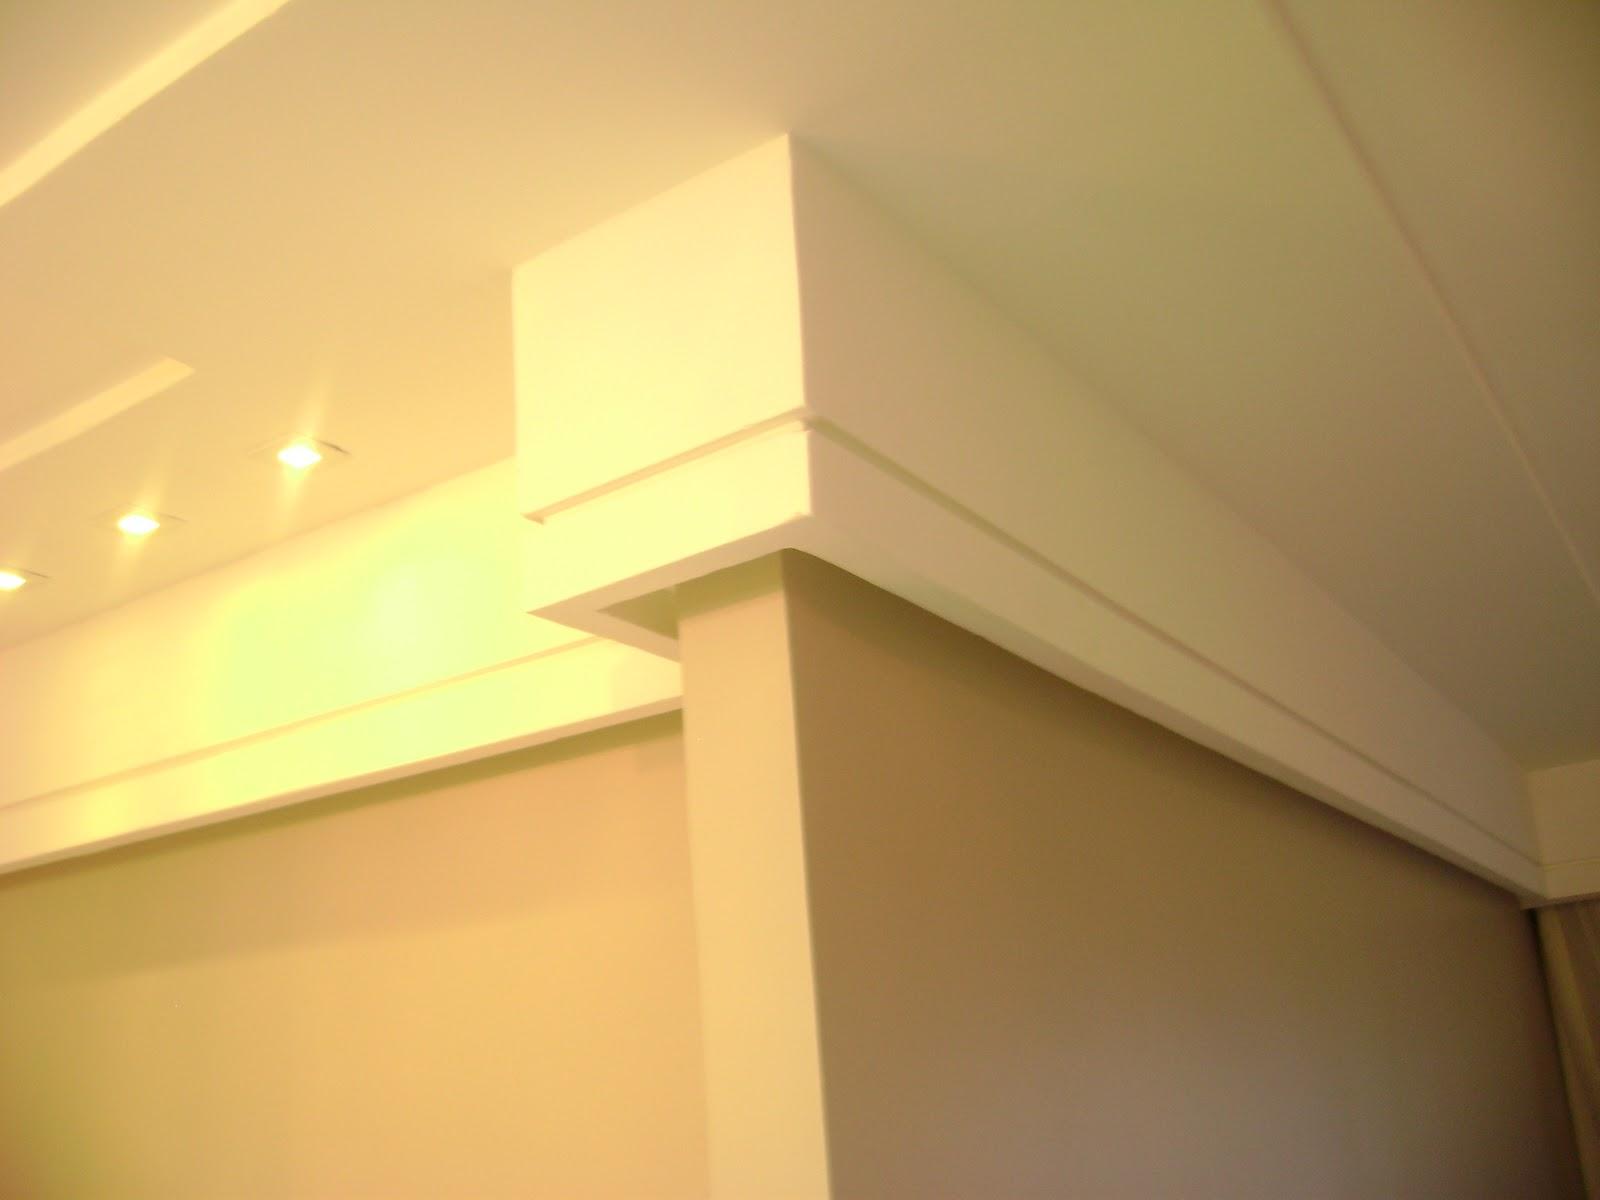 gesso e nas fotos seguintes o gesso finalizado e com os detalhes de #AEC902 1600x1200 Banheiro Com Detalhes Em Gesso